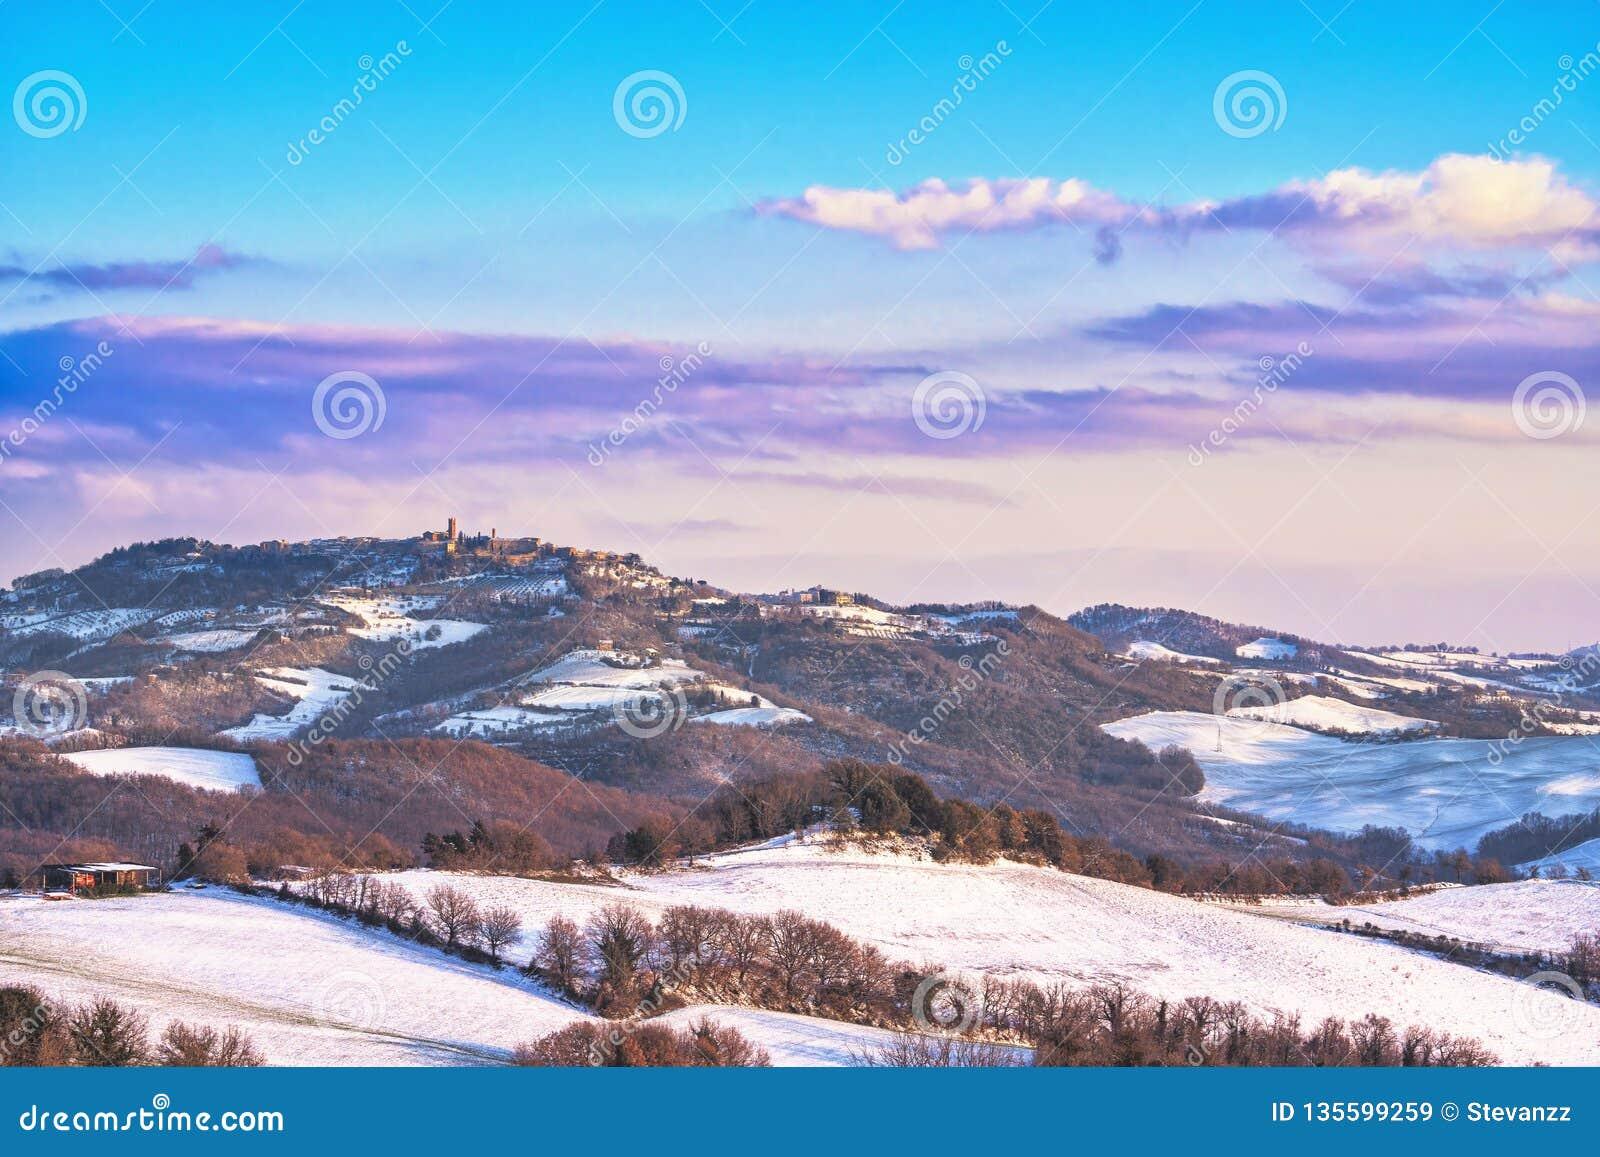 Nieve en Toscana, pueblo de Radicondoli, panorama del invierno Siena, Italia